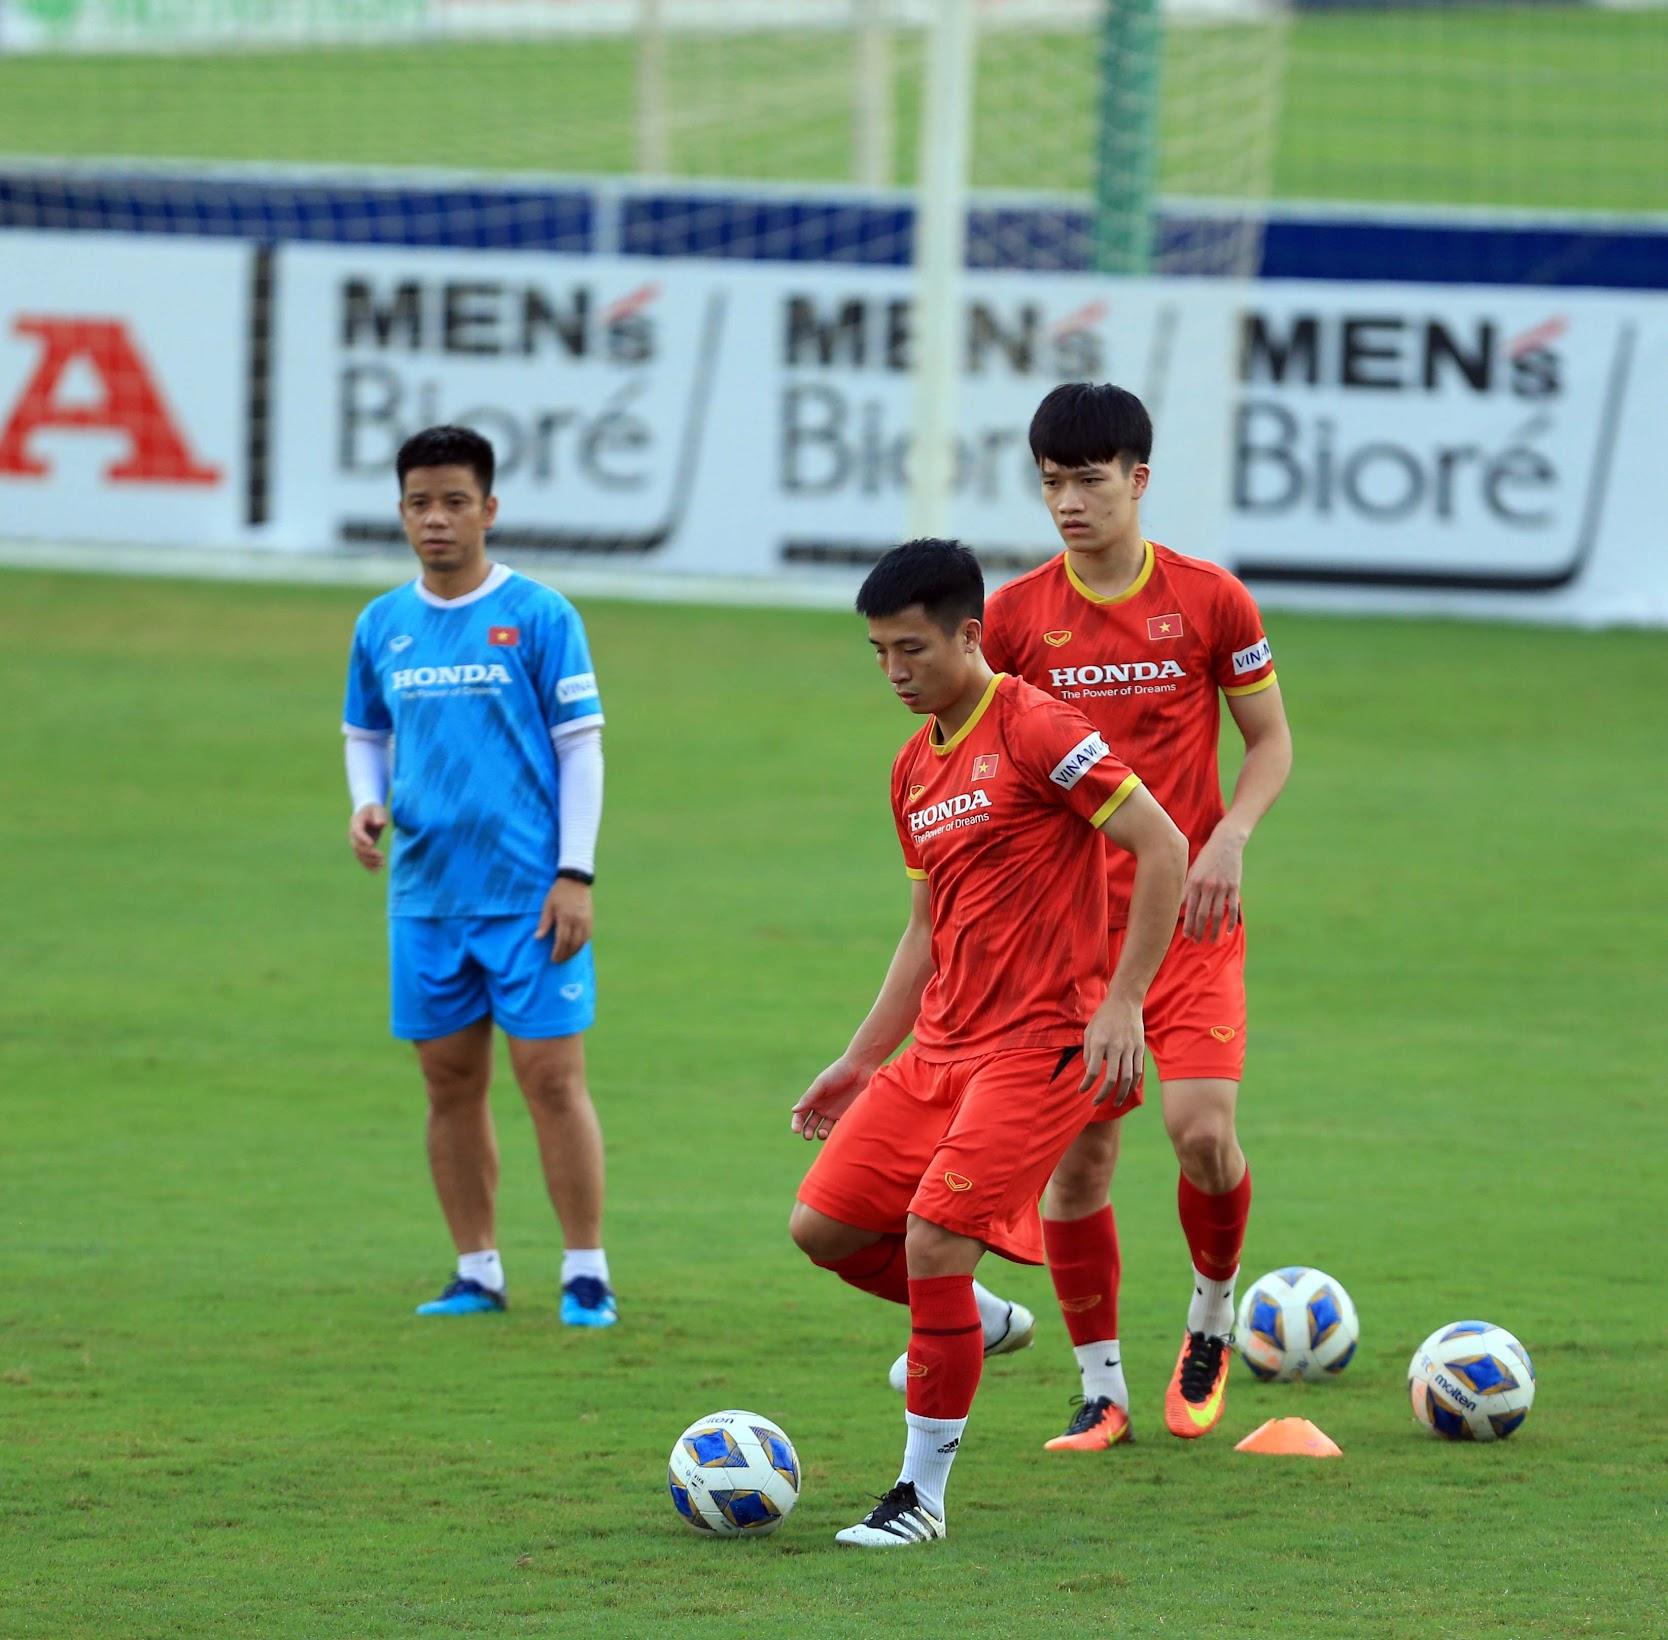 Tuấn Anh và đồng đội hào hứng khi trở thành thủ môn bất đắc dĩ cho tuyển Việt Nam - ảnh 25